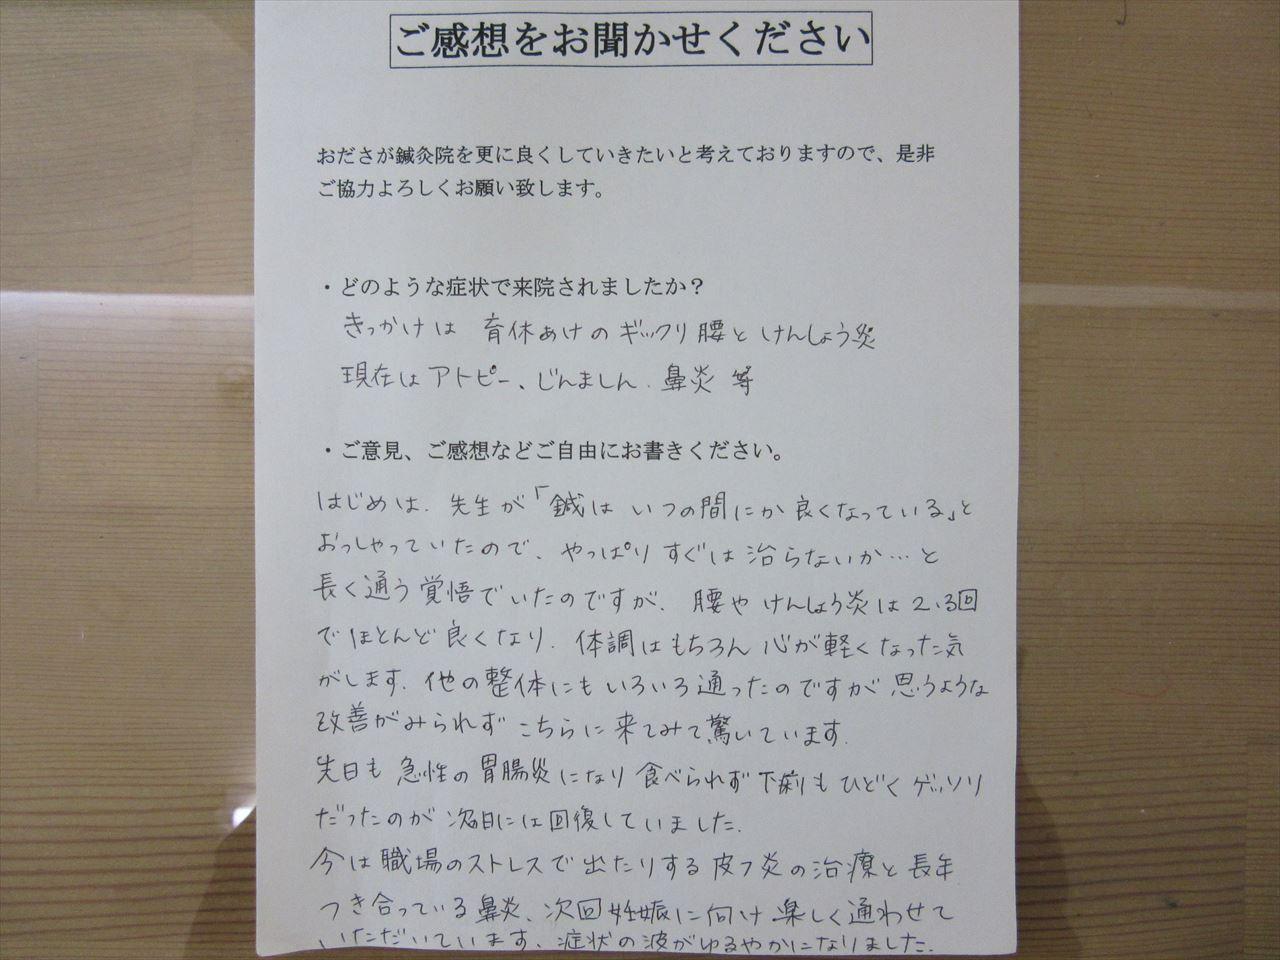 患者からの 手書手紙 ボランティア 急性腰痛、腱鞘炎、胃腸炎